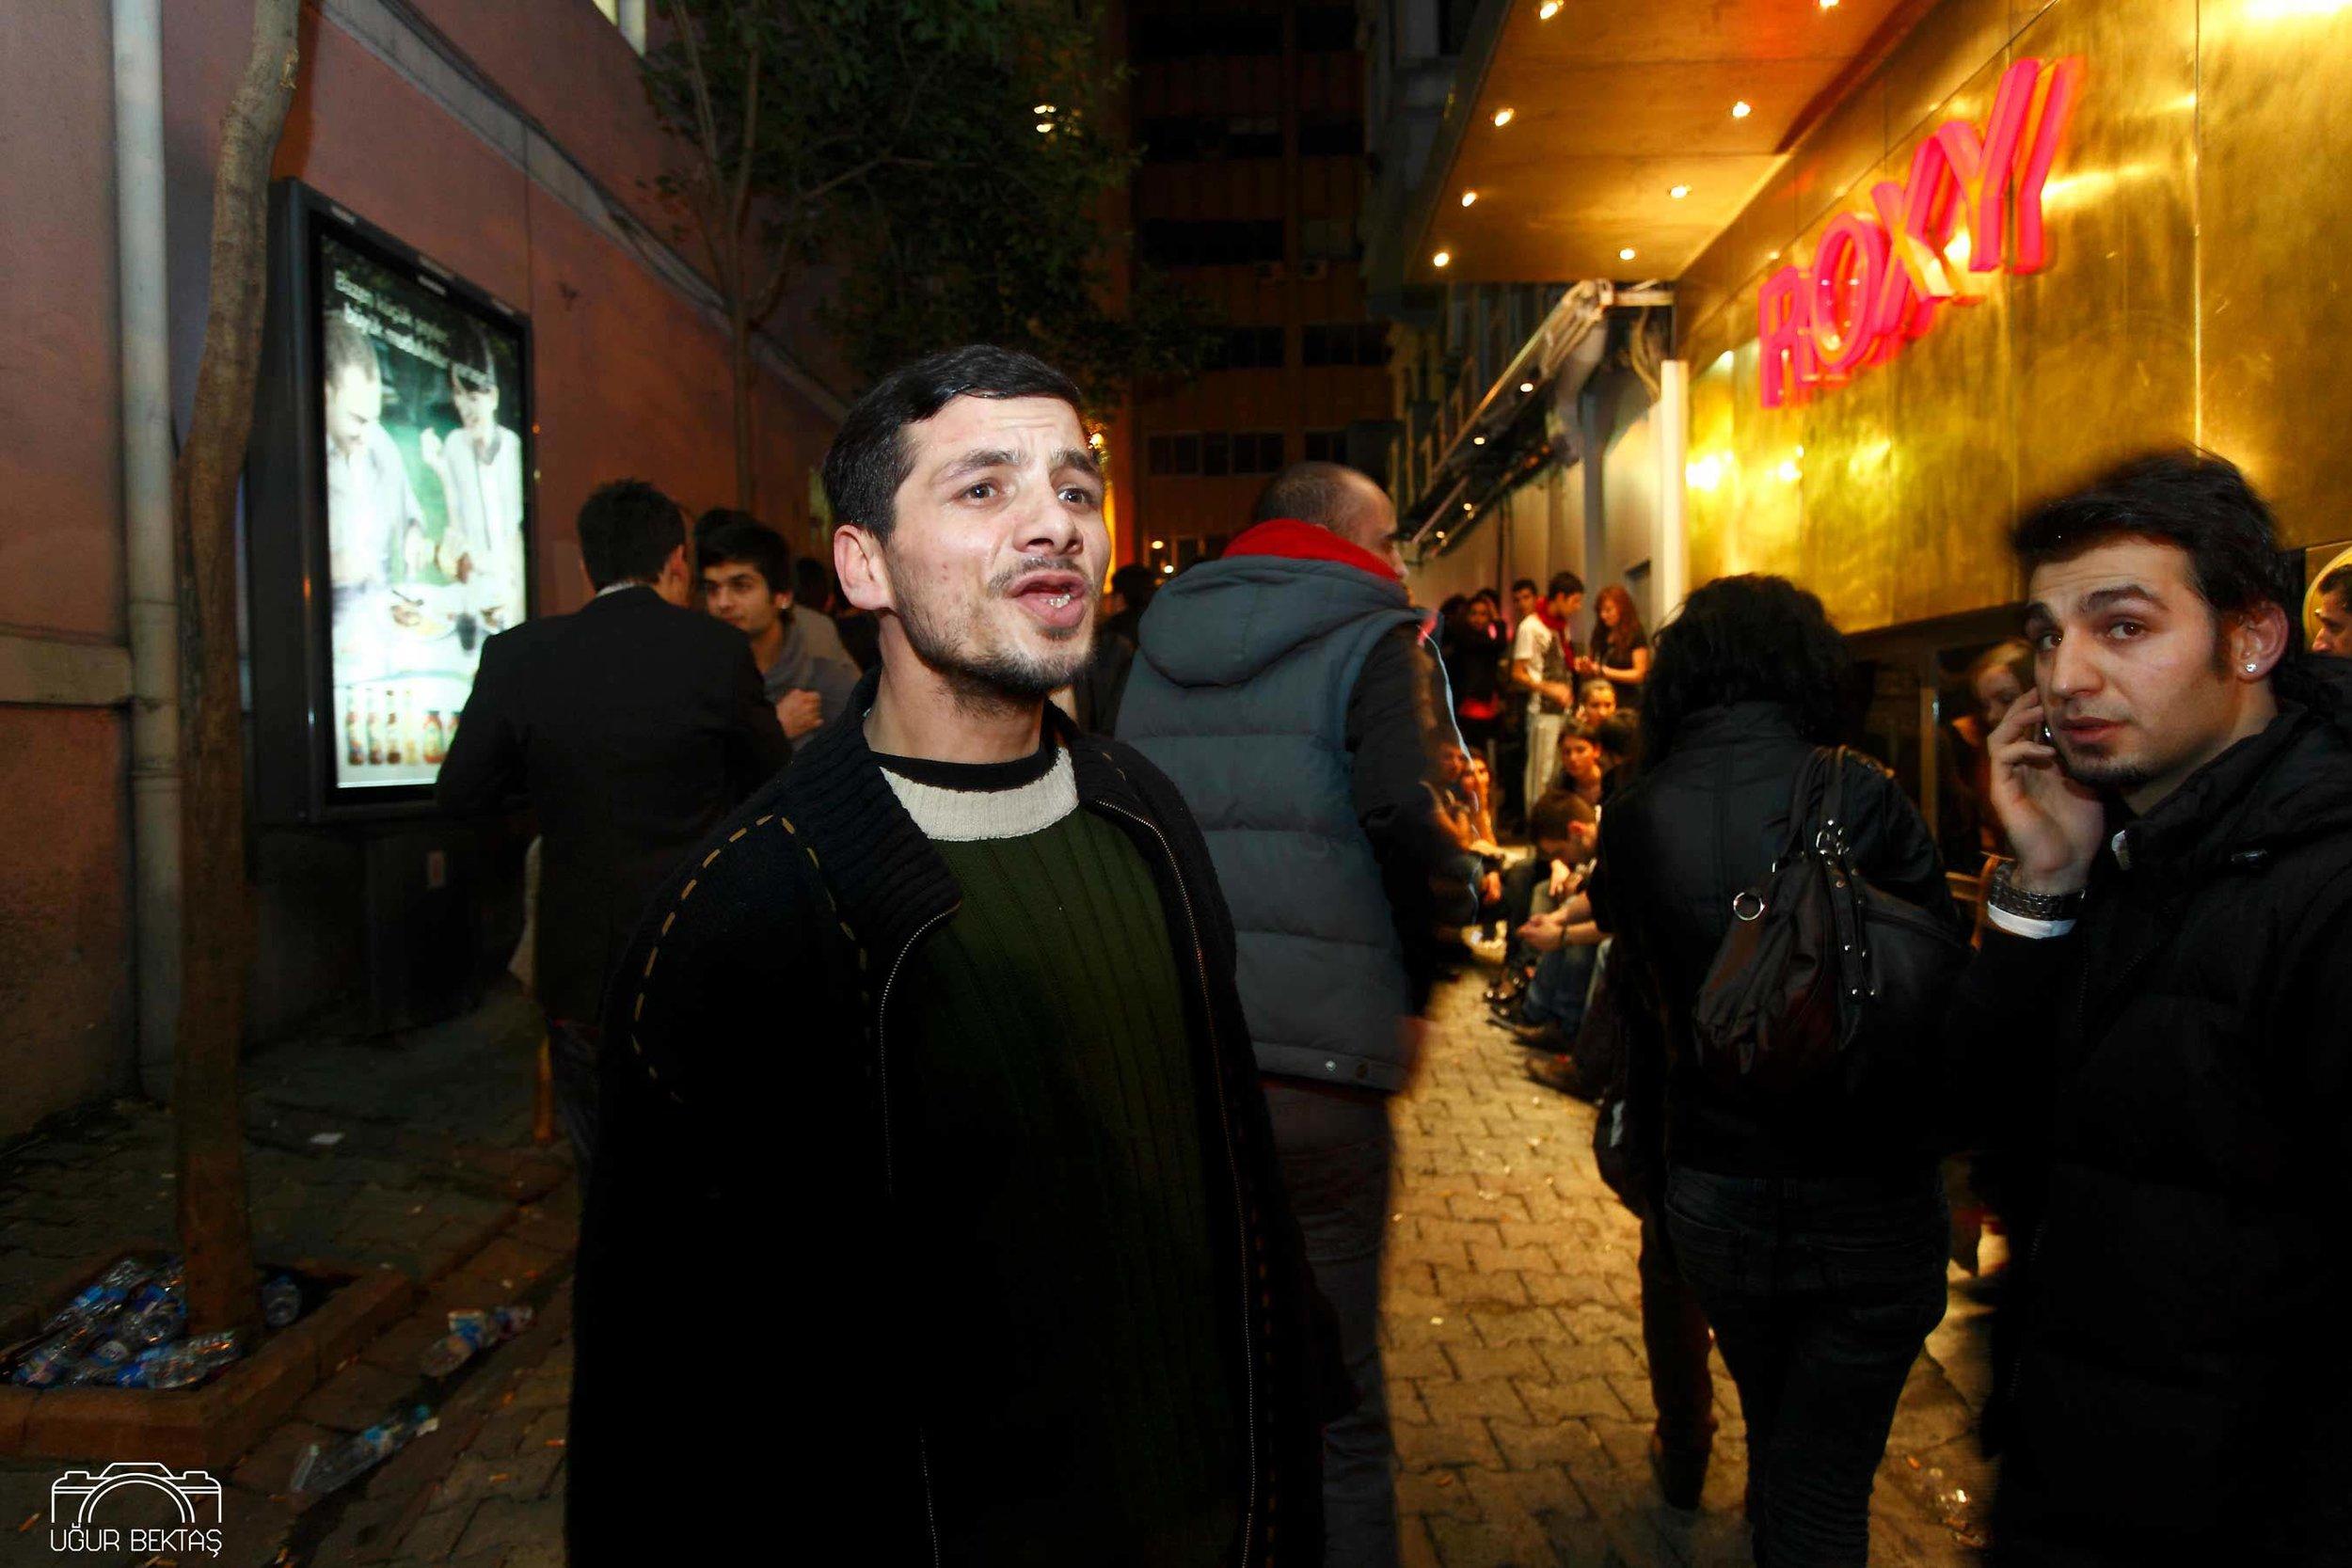 Sokaktan_Fotograflar_Turkiye_0028.jpg